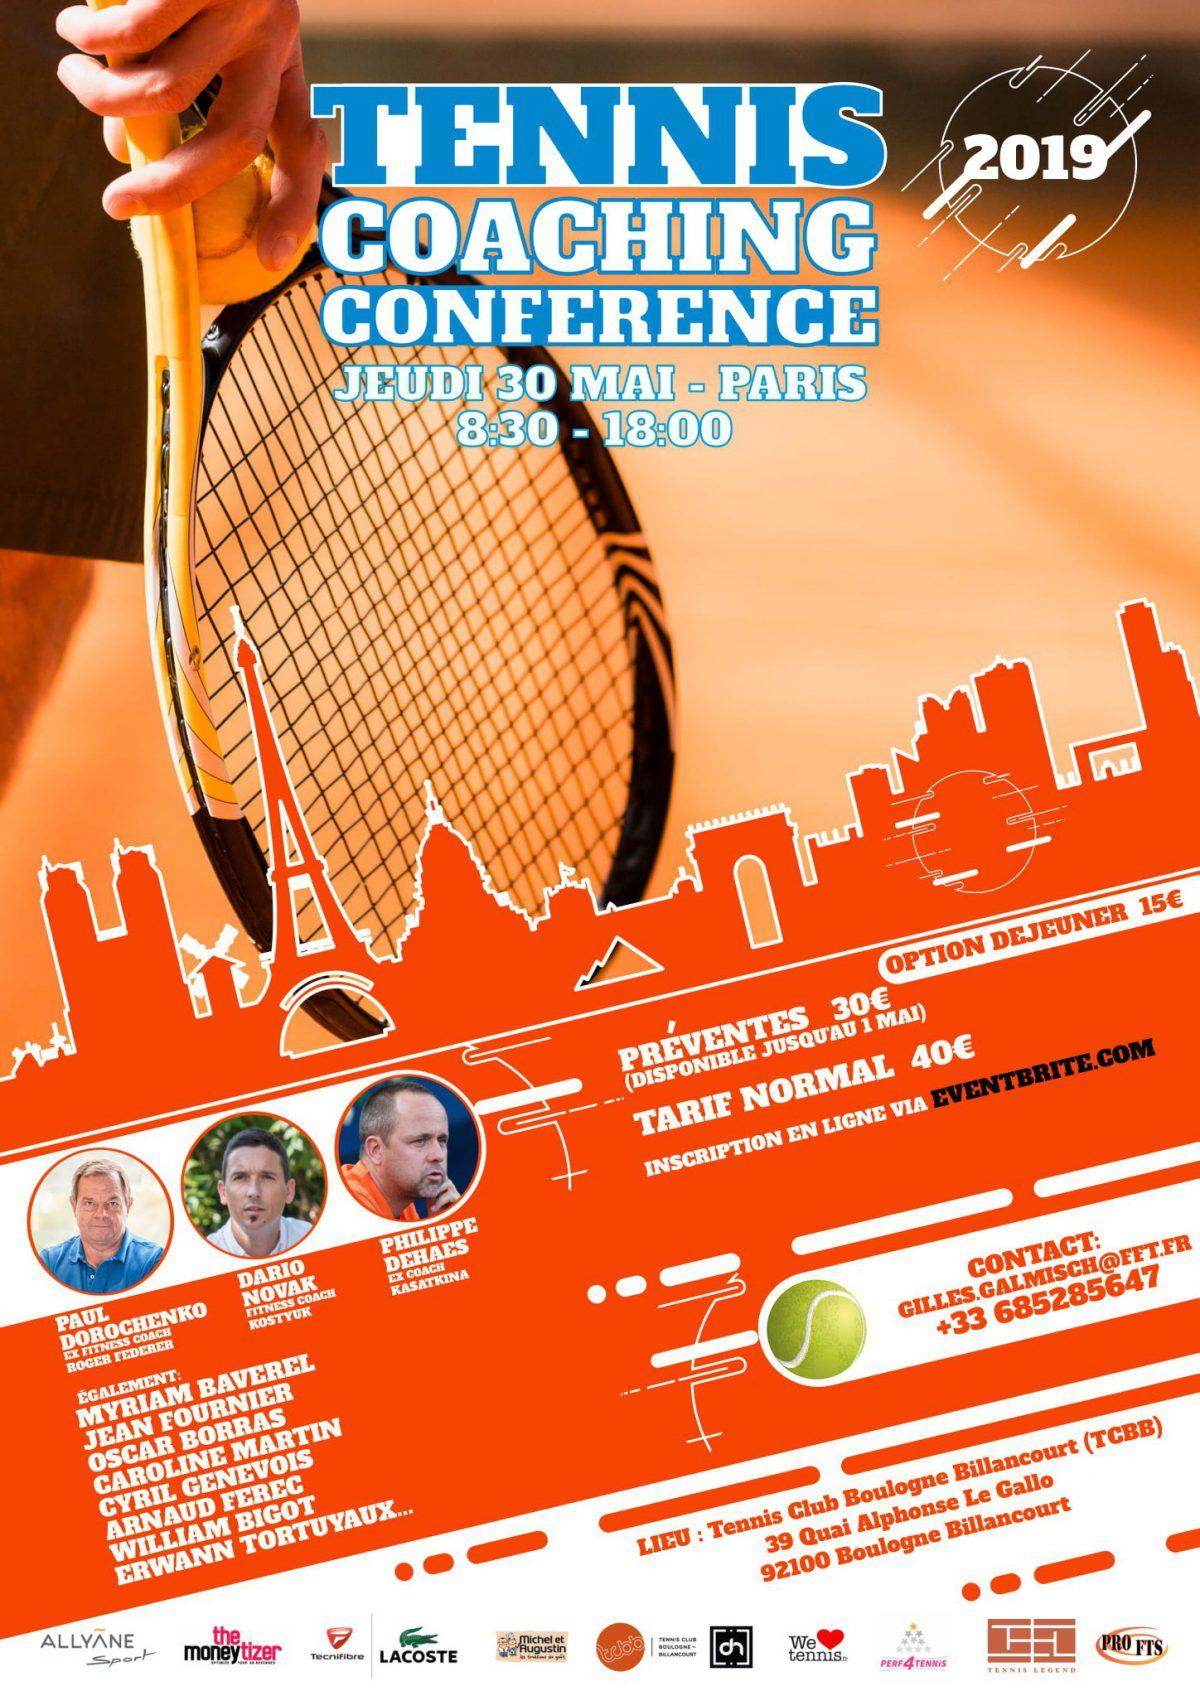 Rendez-vous à l'événement sportif Tennis Coaching Conference